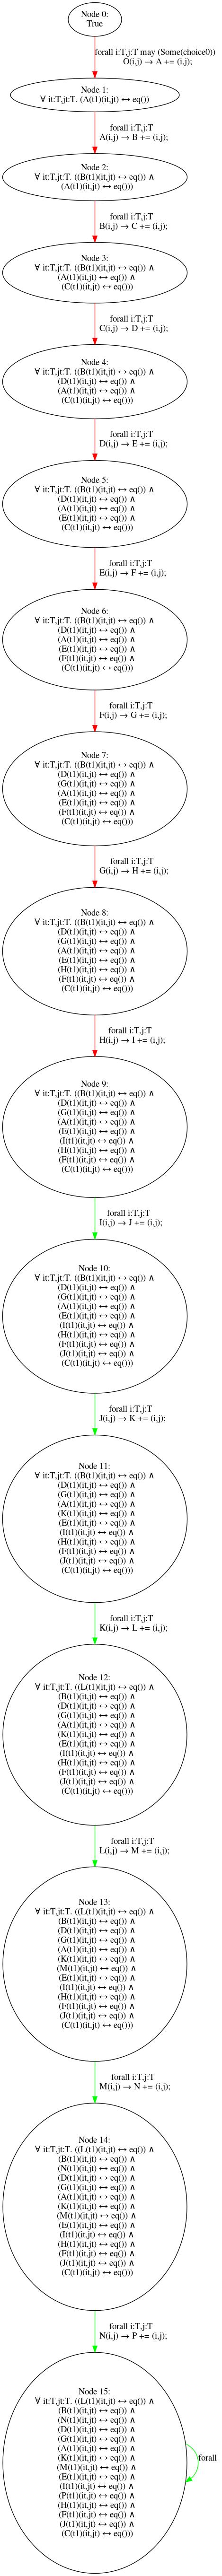 results/nonomitting/fixedarity15/fixedarity15_stubborn_alleq_7.png